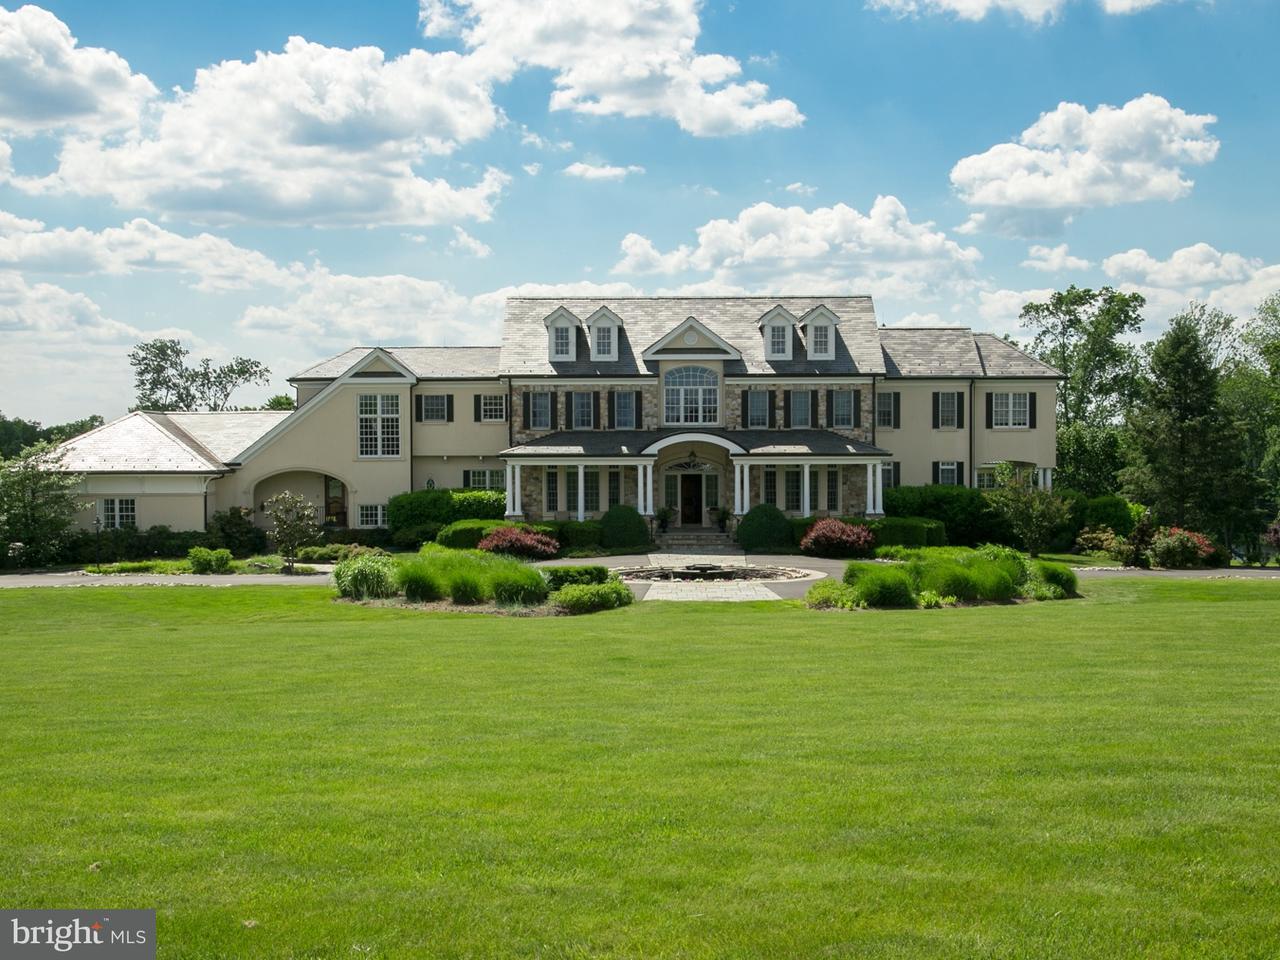 Частный односемейный дом для того Продажа на 131-133 HARBOURTON WOODSVILLE Road Lambertville, Нью-Джерси 08530 Соединенные ШтатыВ/Около: Hopewell Township